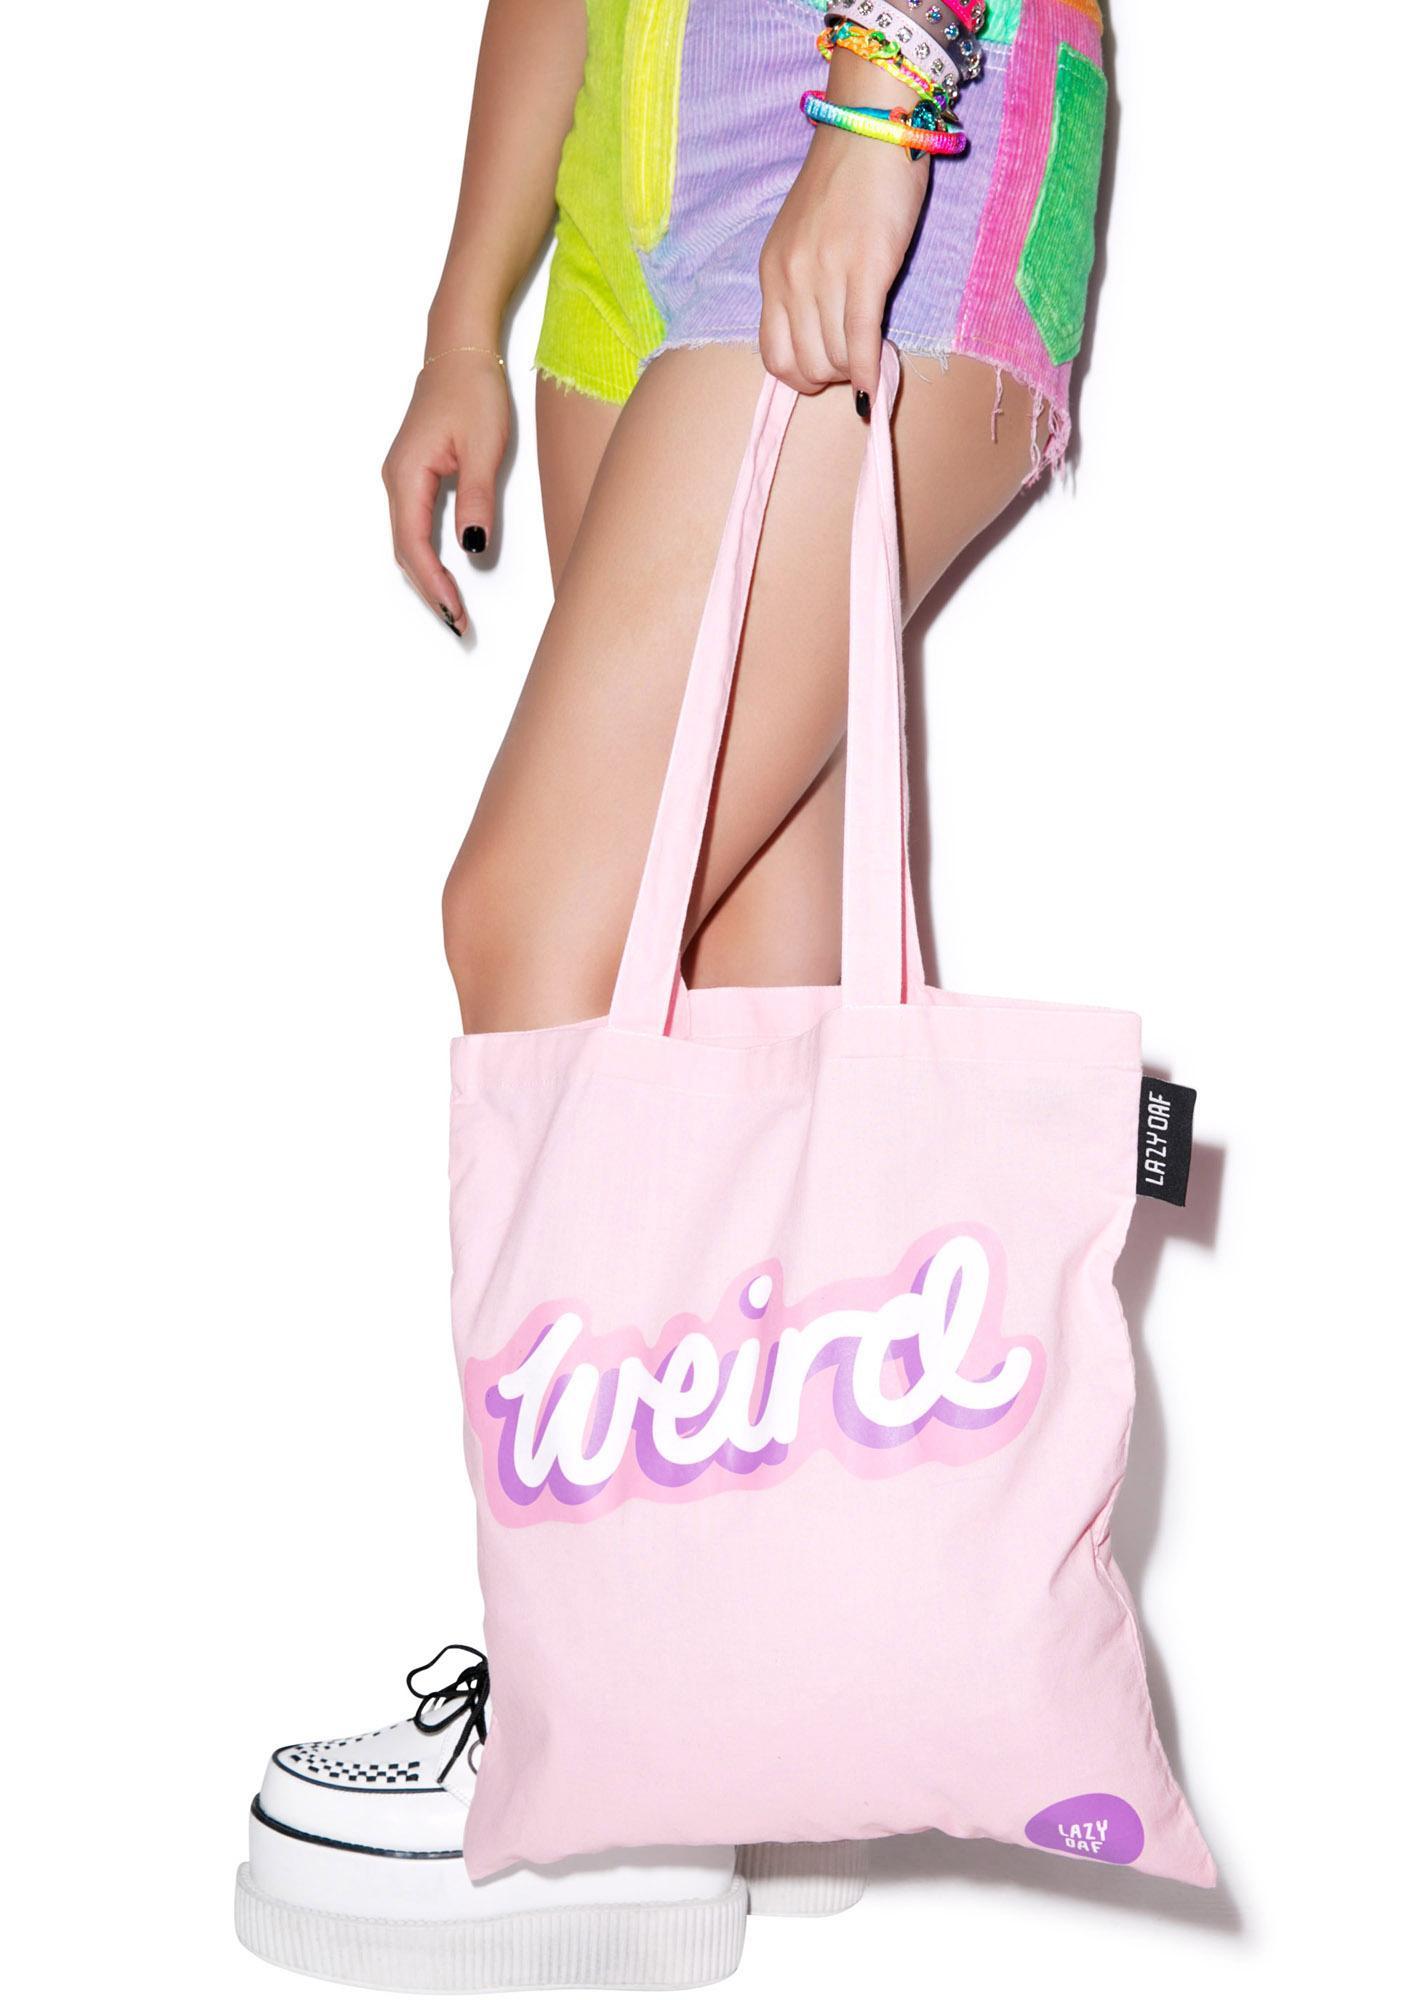 Lazy Oaf Weirdo Tote Bag